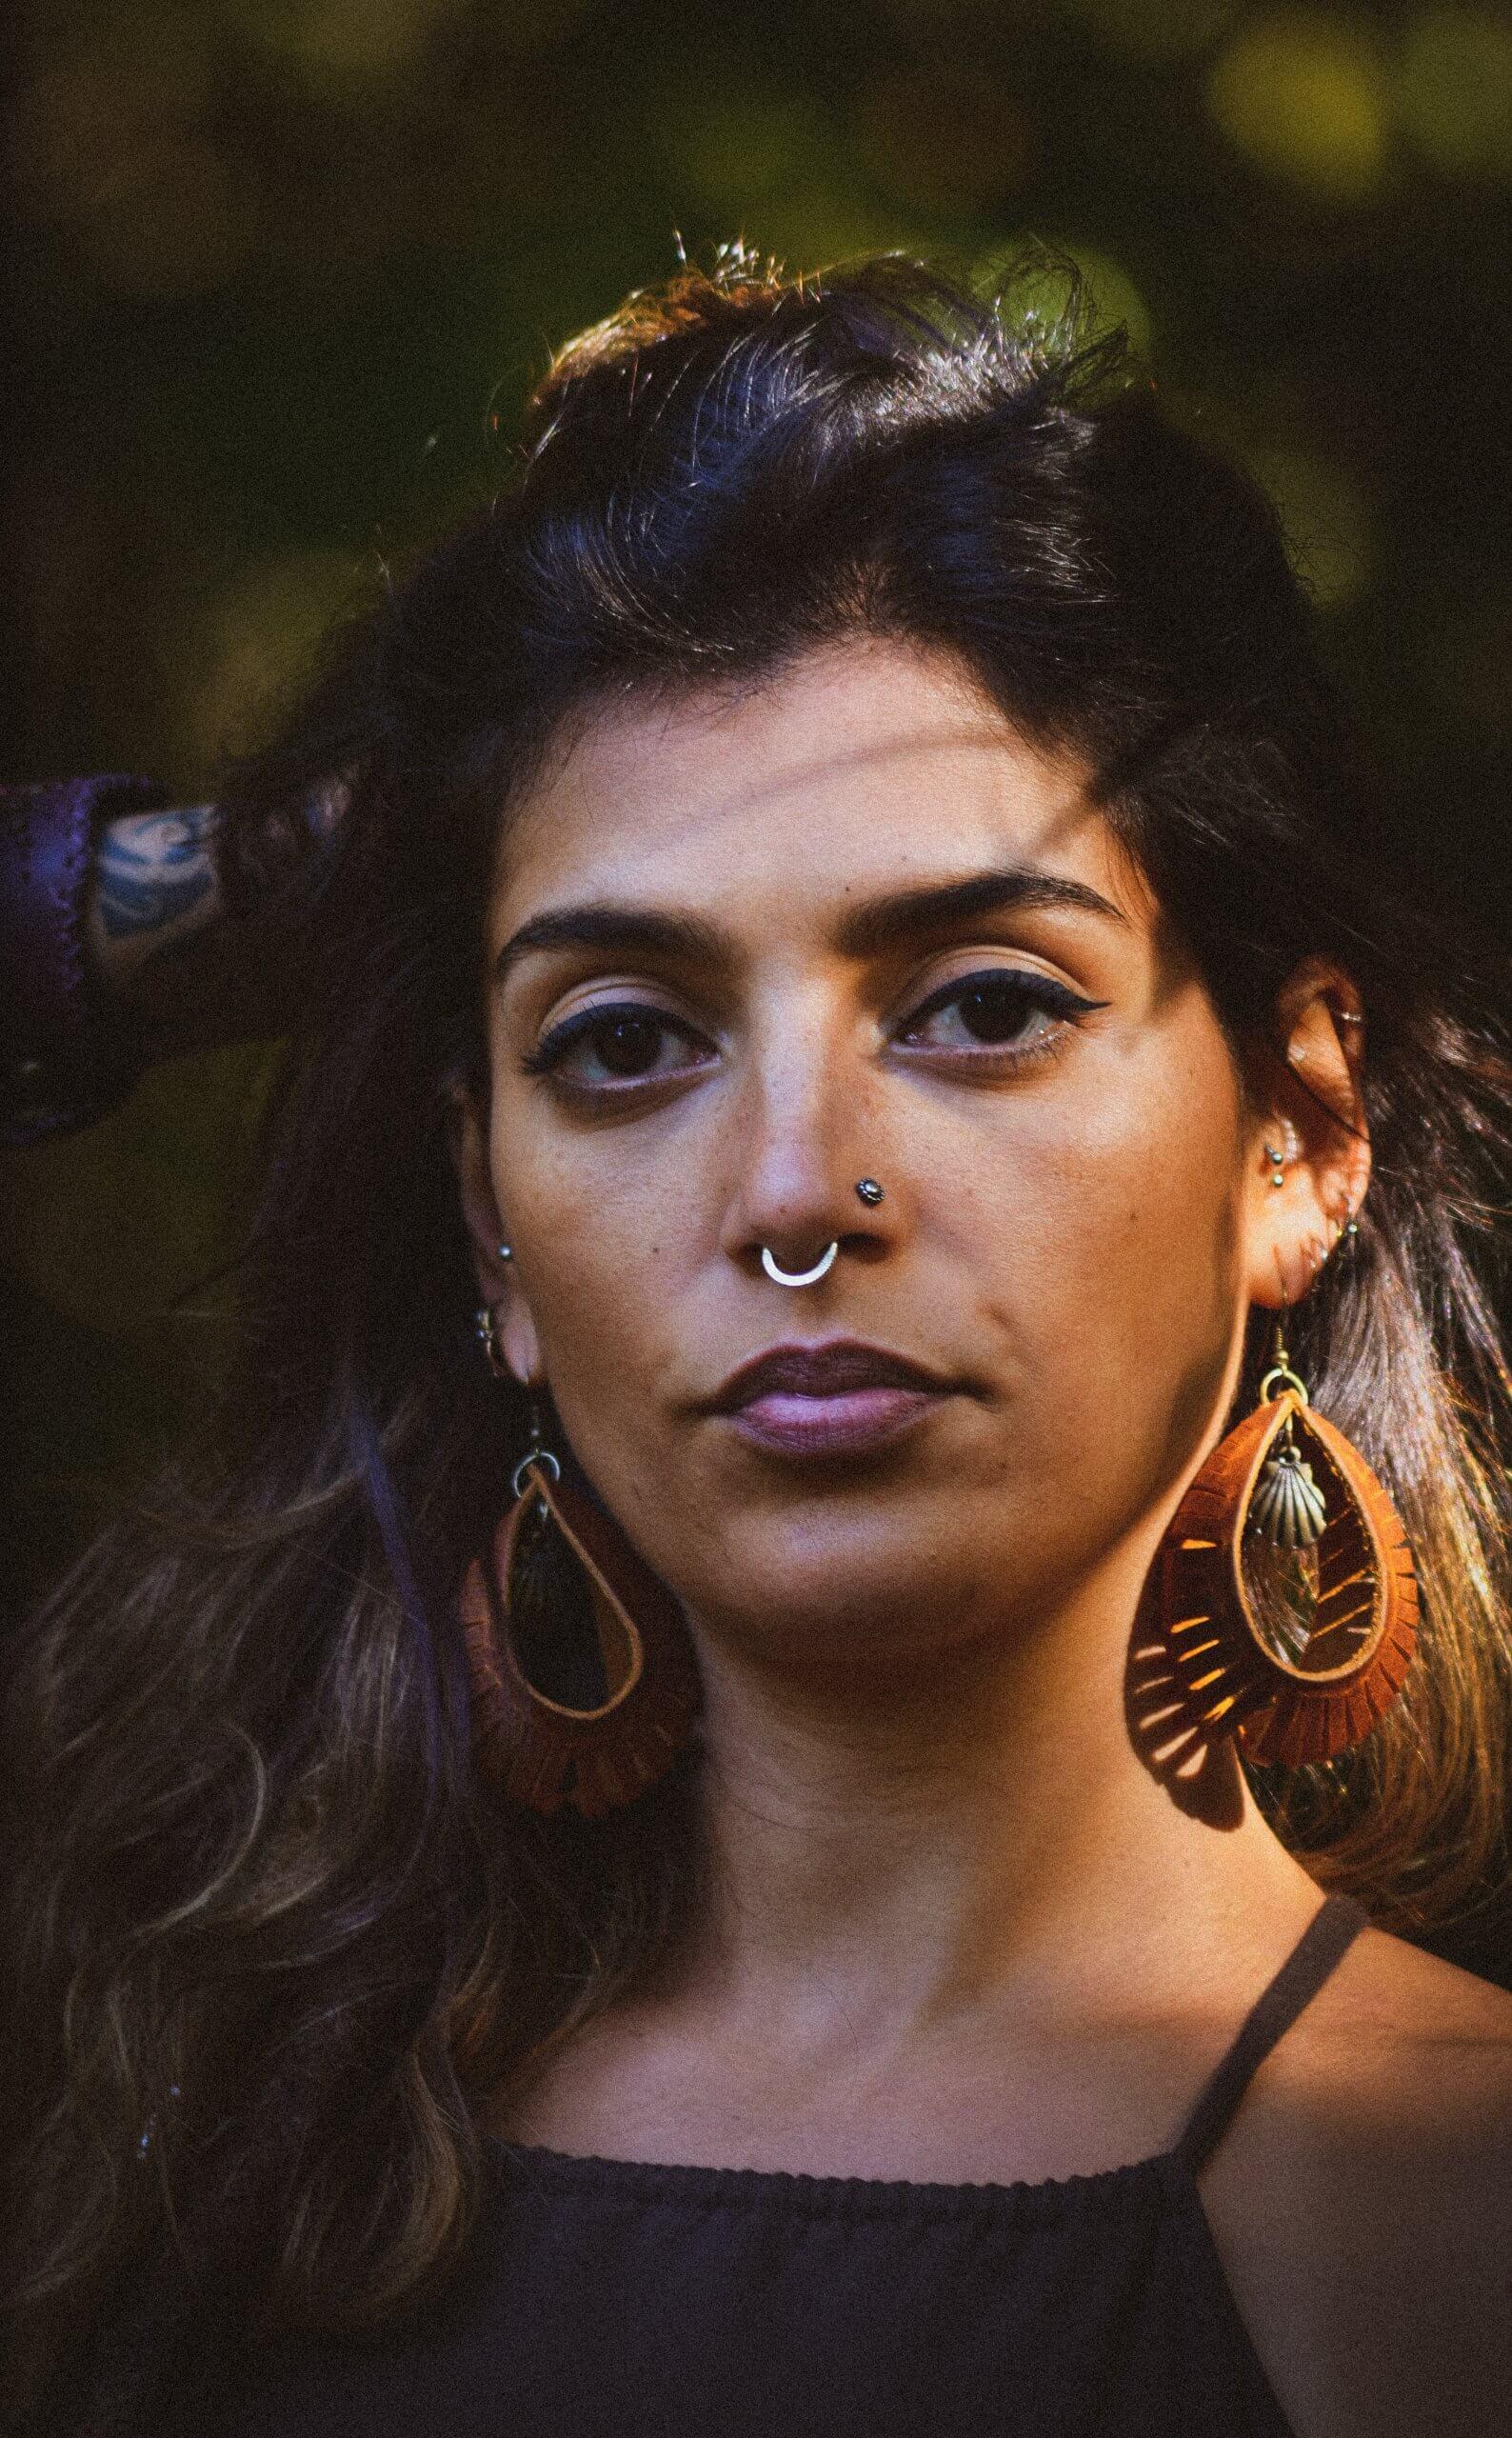 Earrings by Siga Tribal